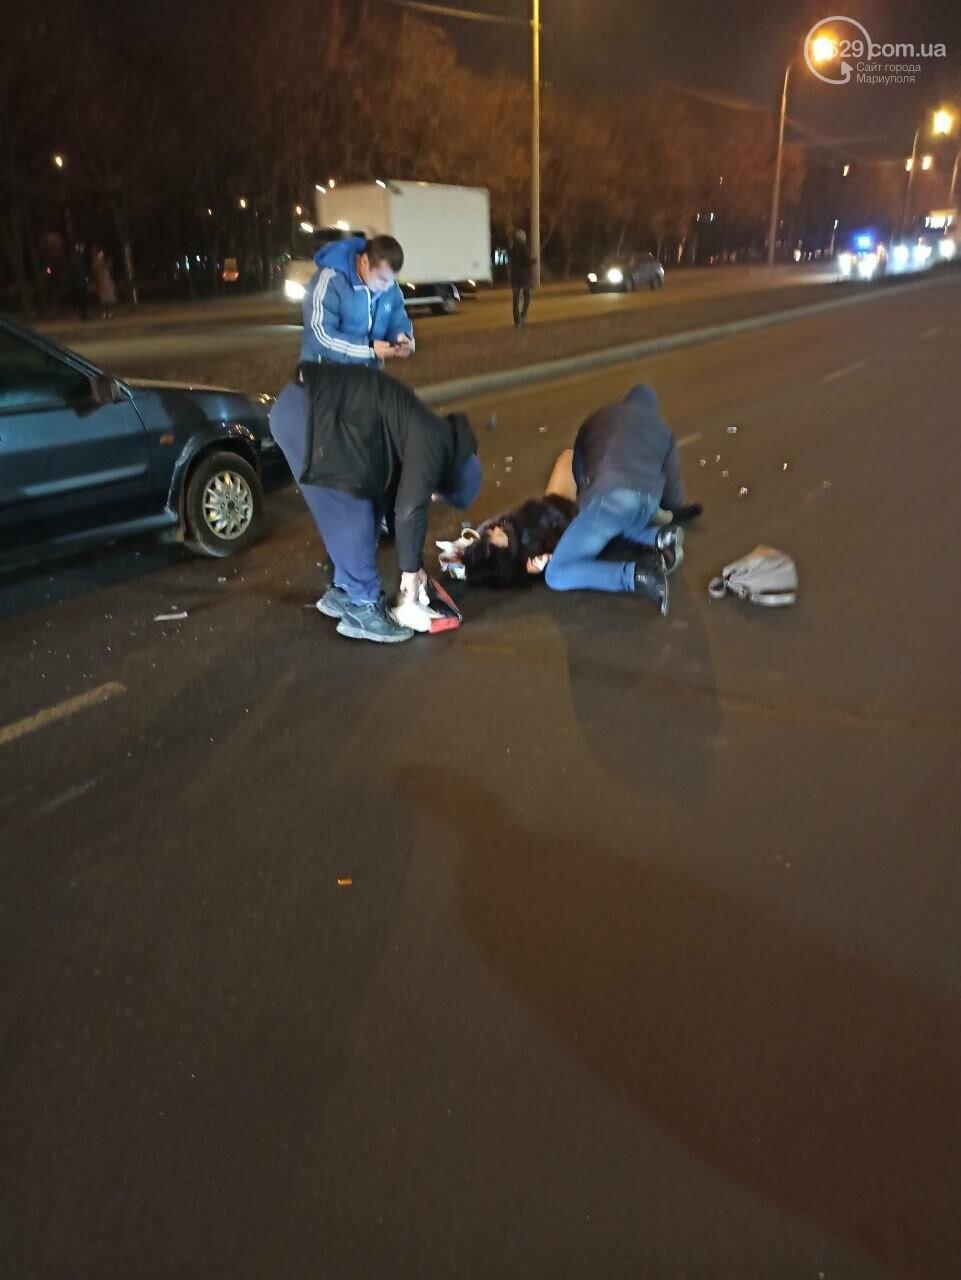 """В Мариуполе на пешеходном переходе """"ВАЗ"""" сбил женщину, - ФОТО, фото-2"""